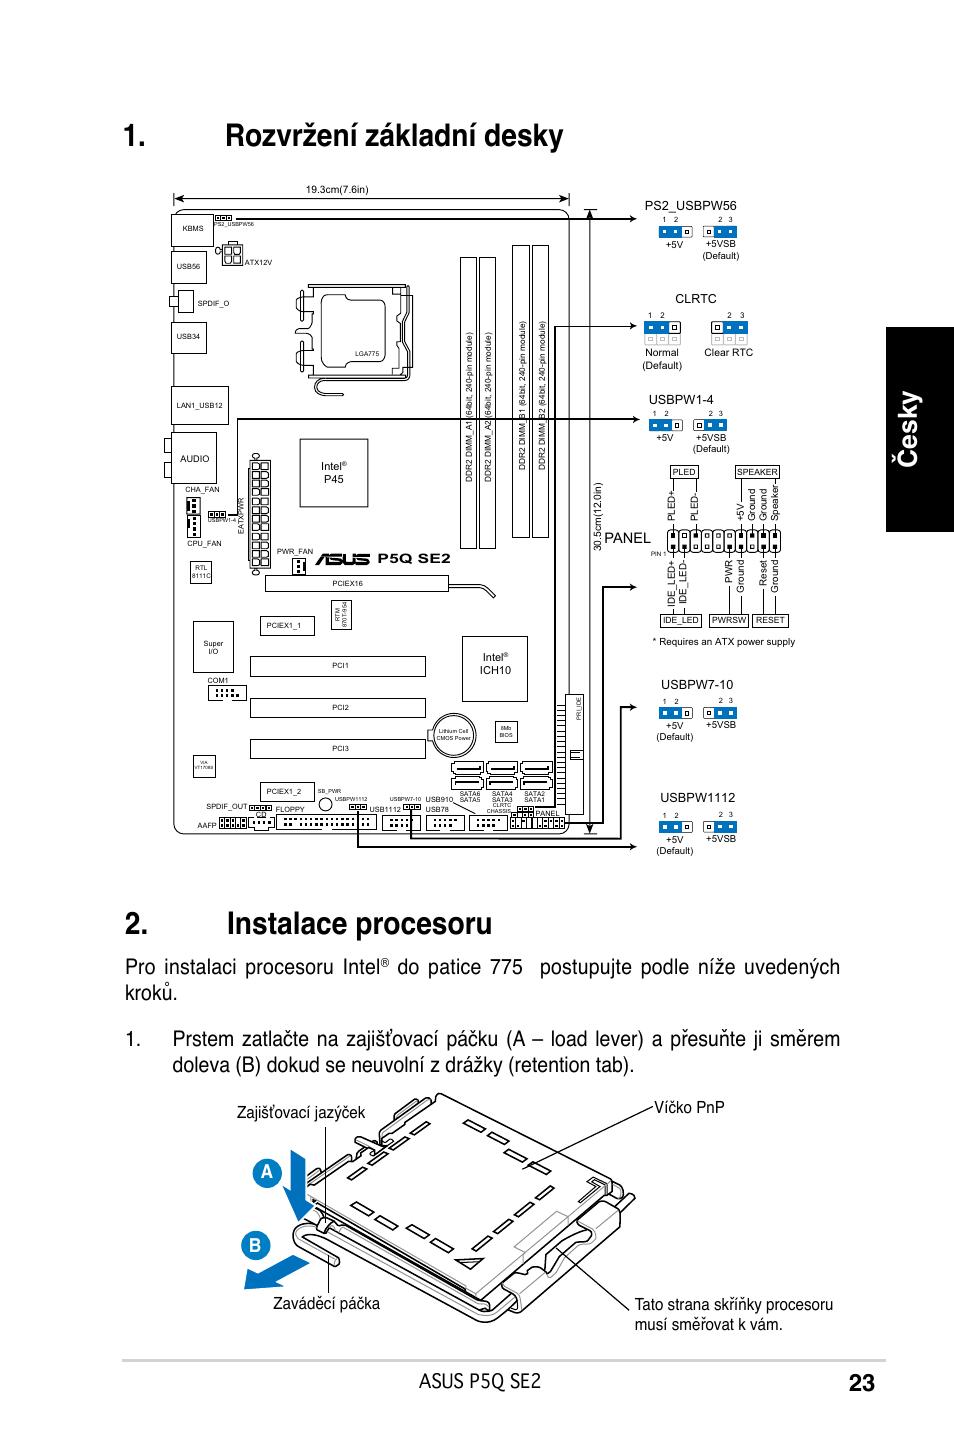 Rozvržení základní desky u00 . instalace procesoru, Česky